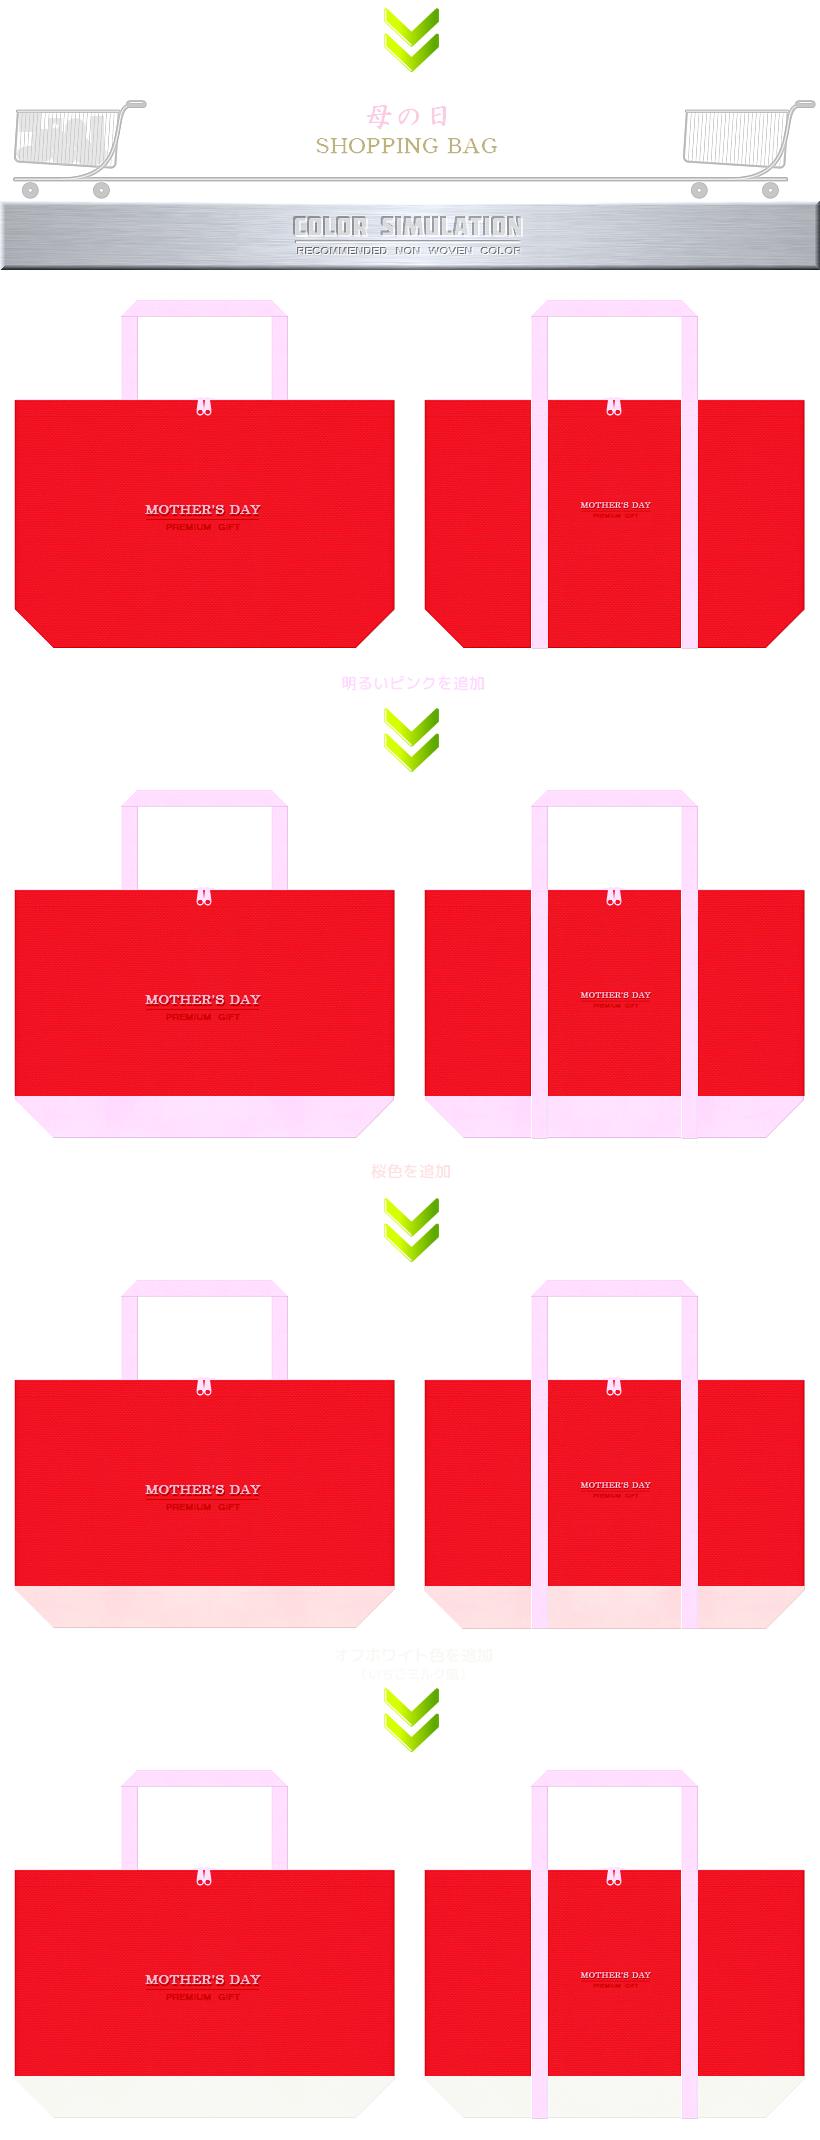 赤色・明るいピンク色・桜色・オフホワイト色を使用した不織布ショッピングバッグのデザイン(ファスナー付):母の日ギフトのショッピングバッグ